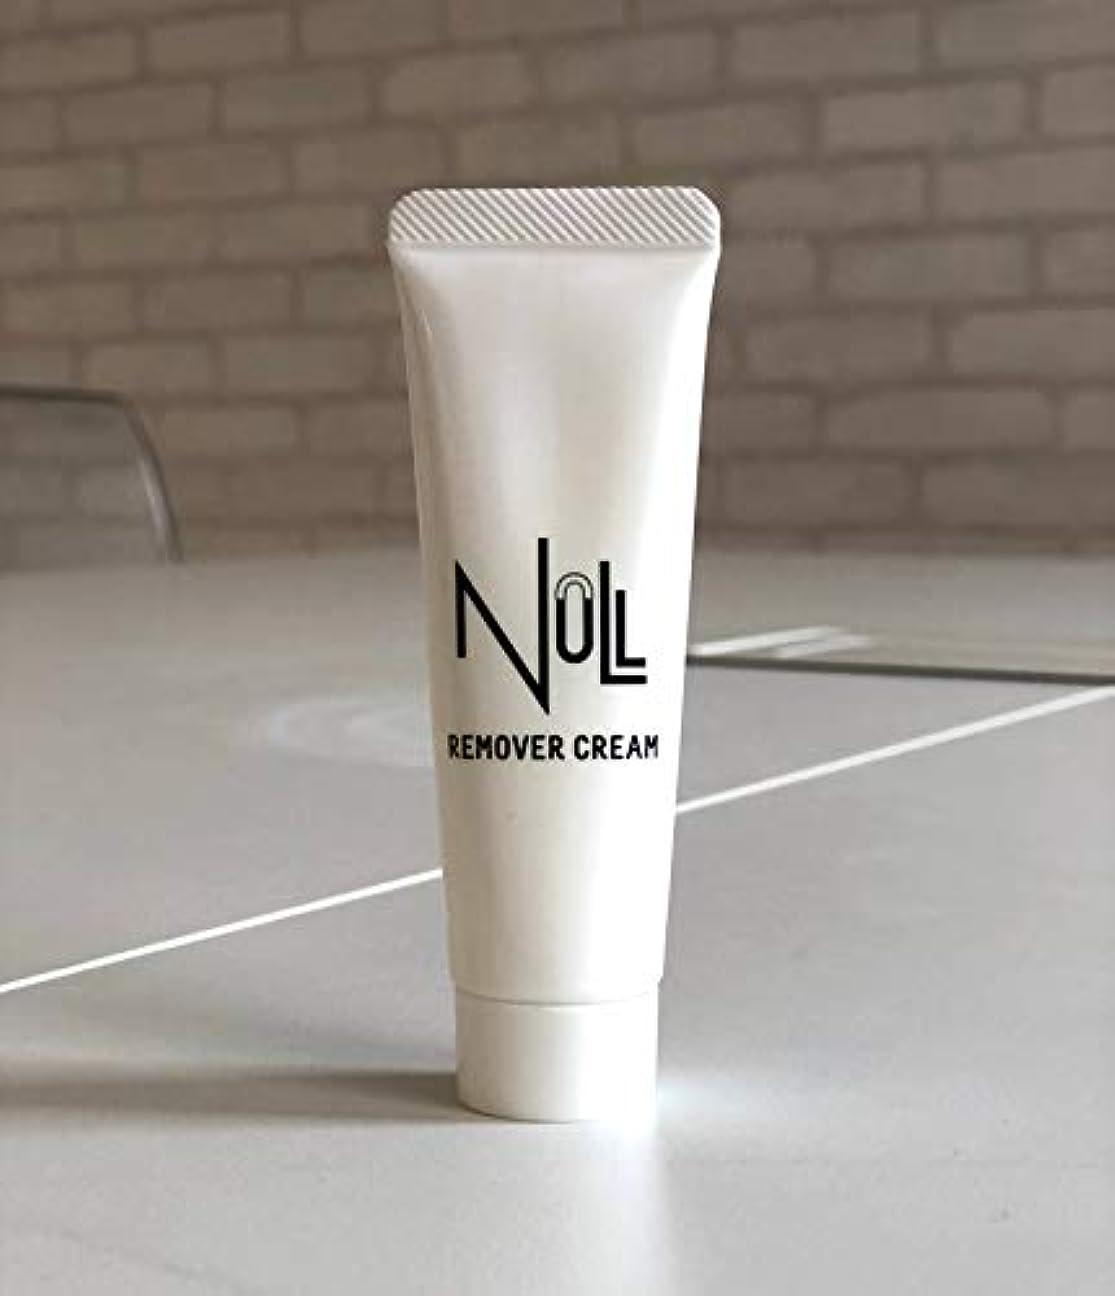 好奇心盛忌まわしい外向きNULL メンズ 薬用リムーバークリーム 除毛クリーム ミニサンプル 20g [ 陰部/Vライン/アンダーヘア/ボディ用 ]